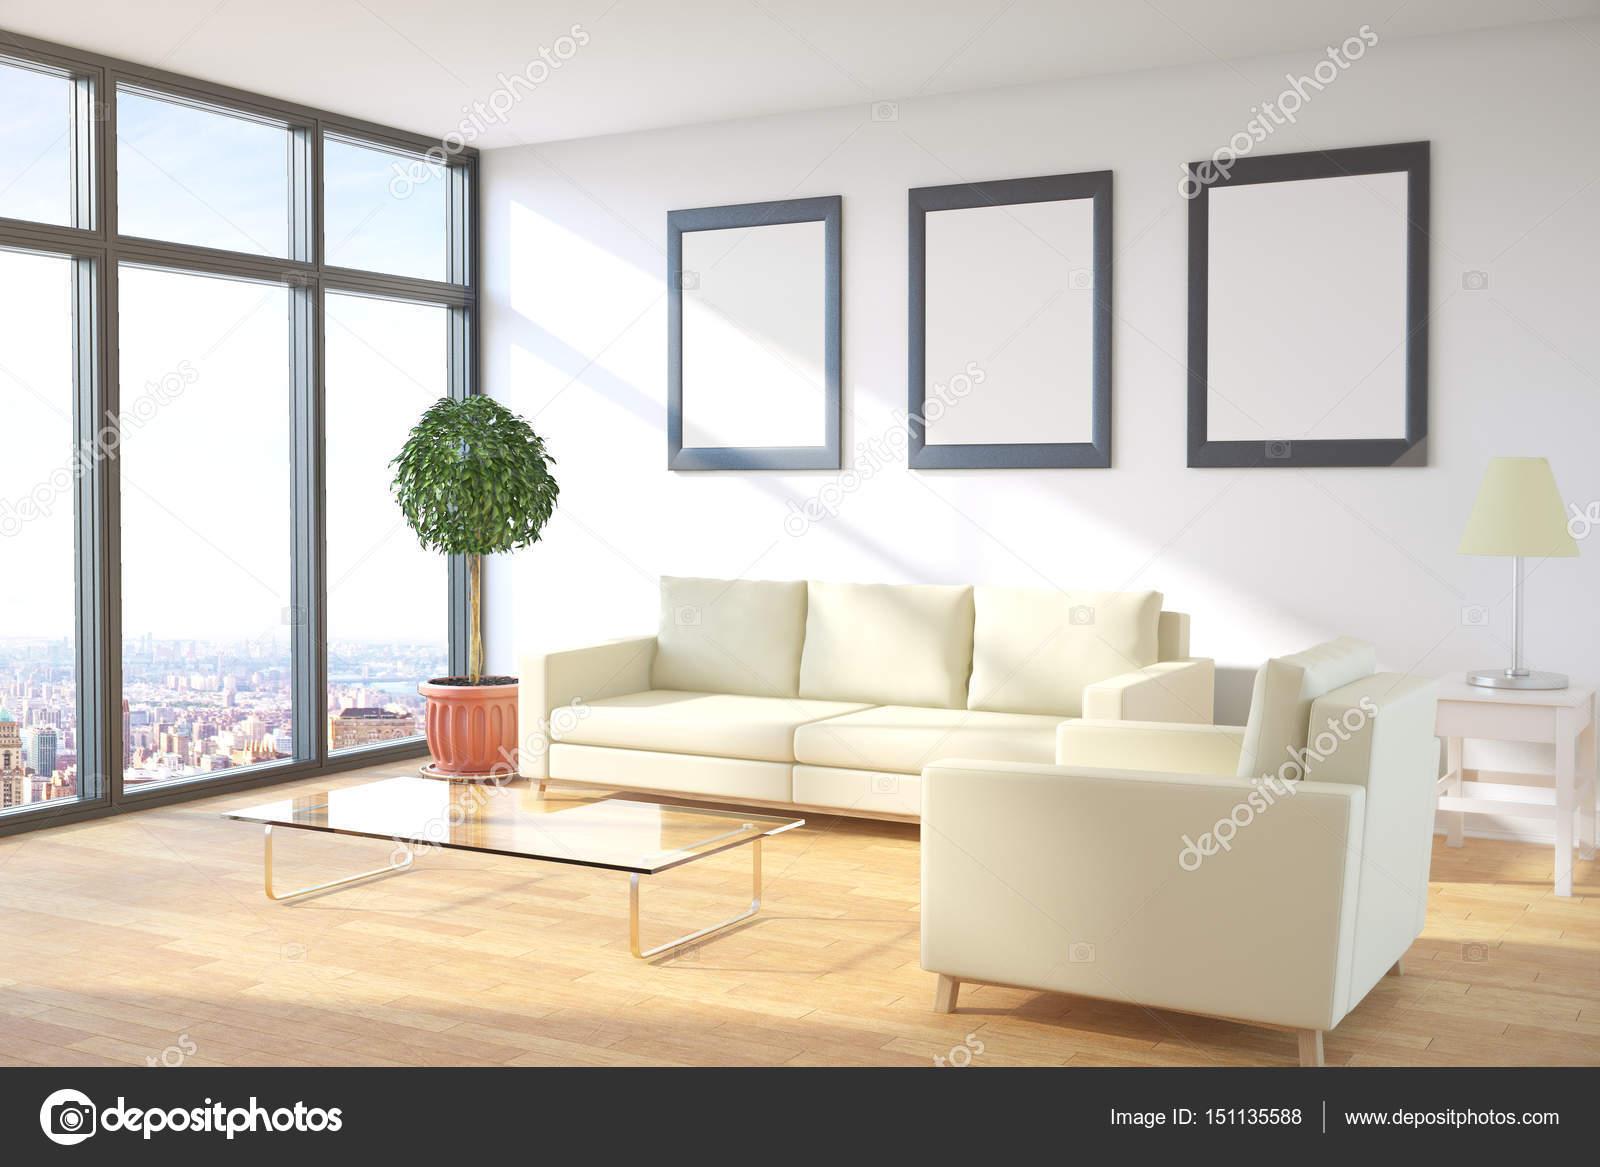 Habitación con cara de marcos de imagen — Foto de stock © peshkov ...